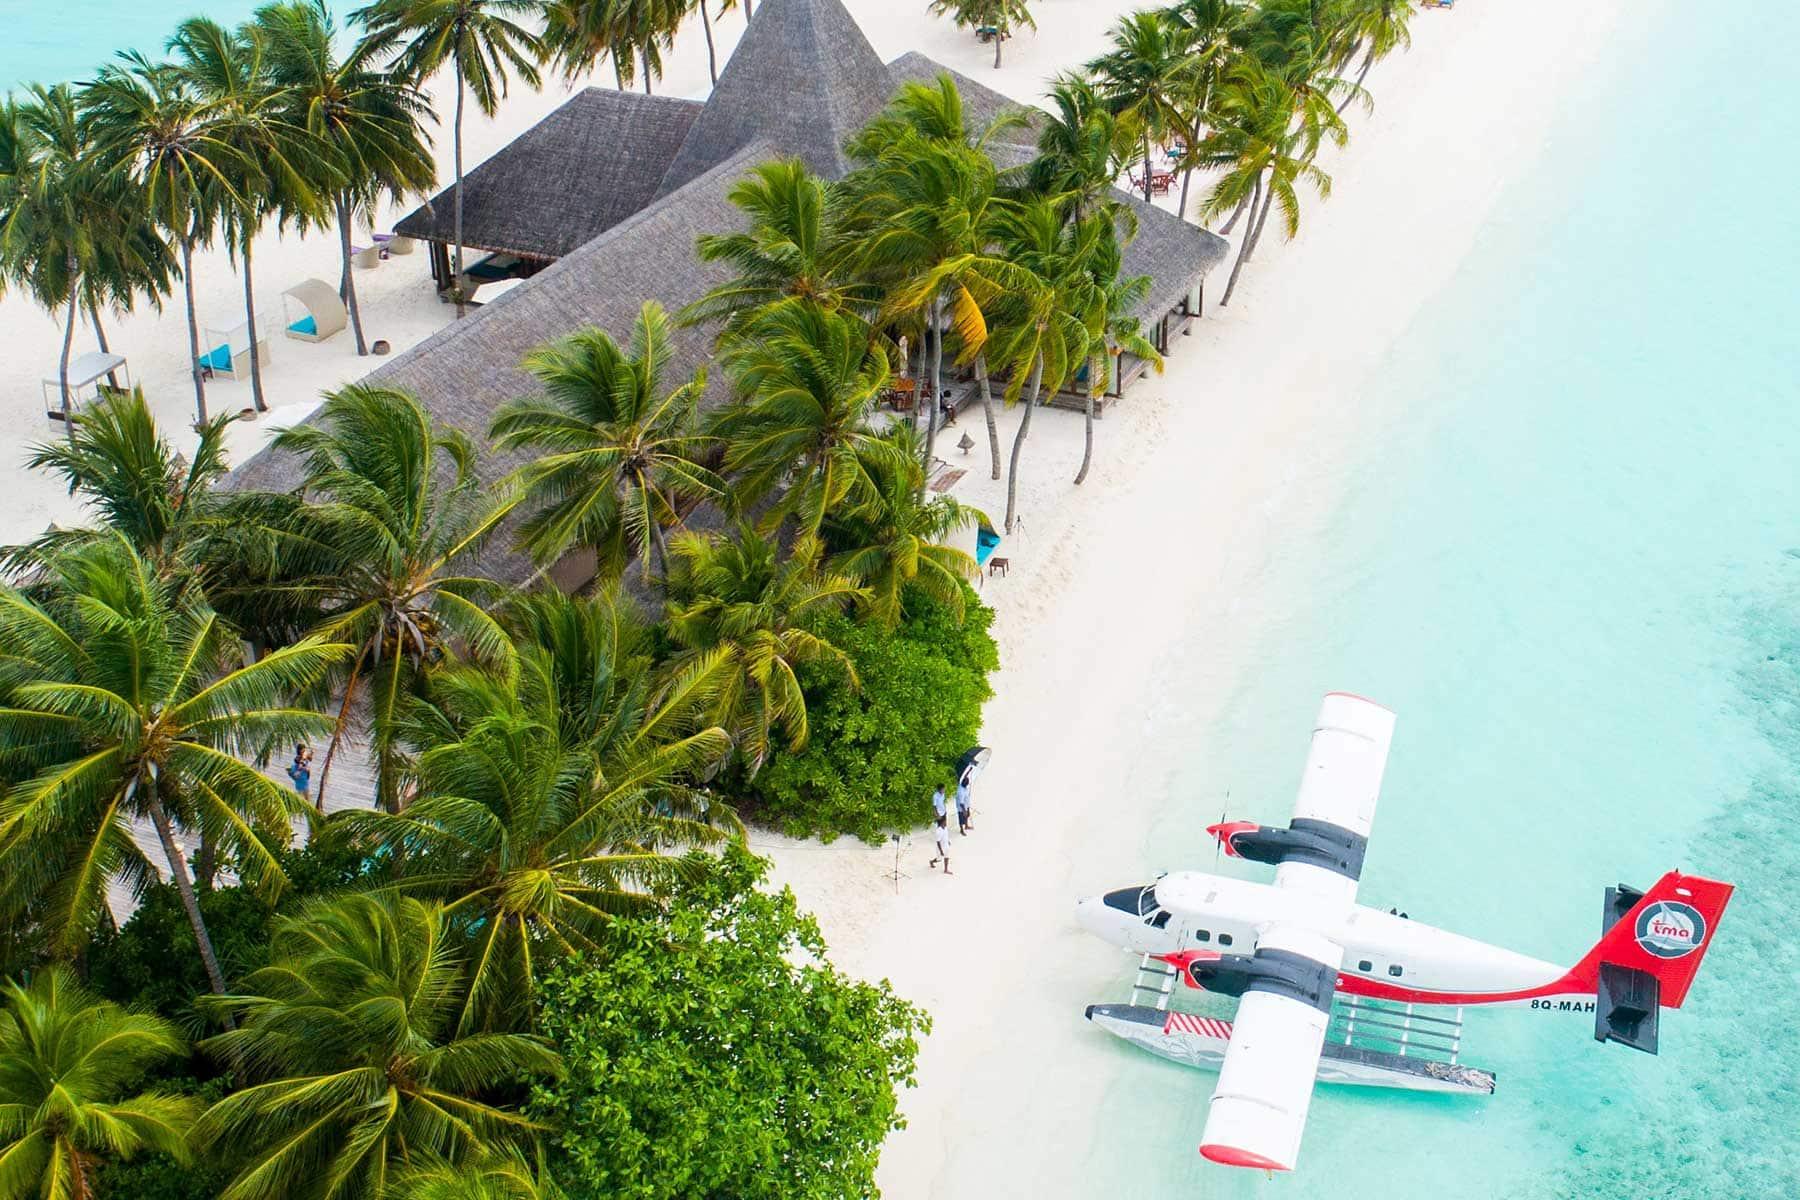 Resor-till-Maldiverna-med-Nygren-&-Lind-resebyrå---småflygplan-på-stranden